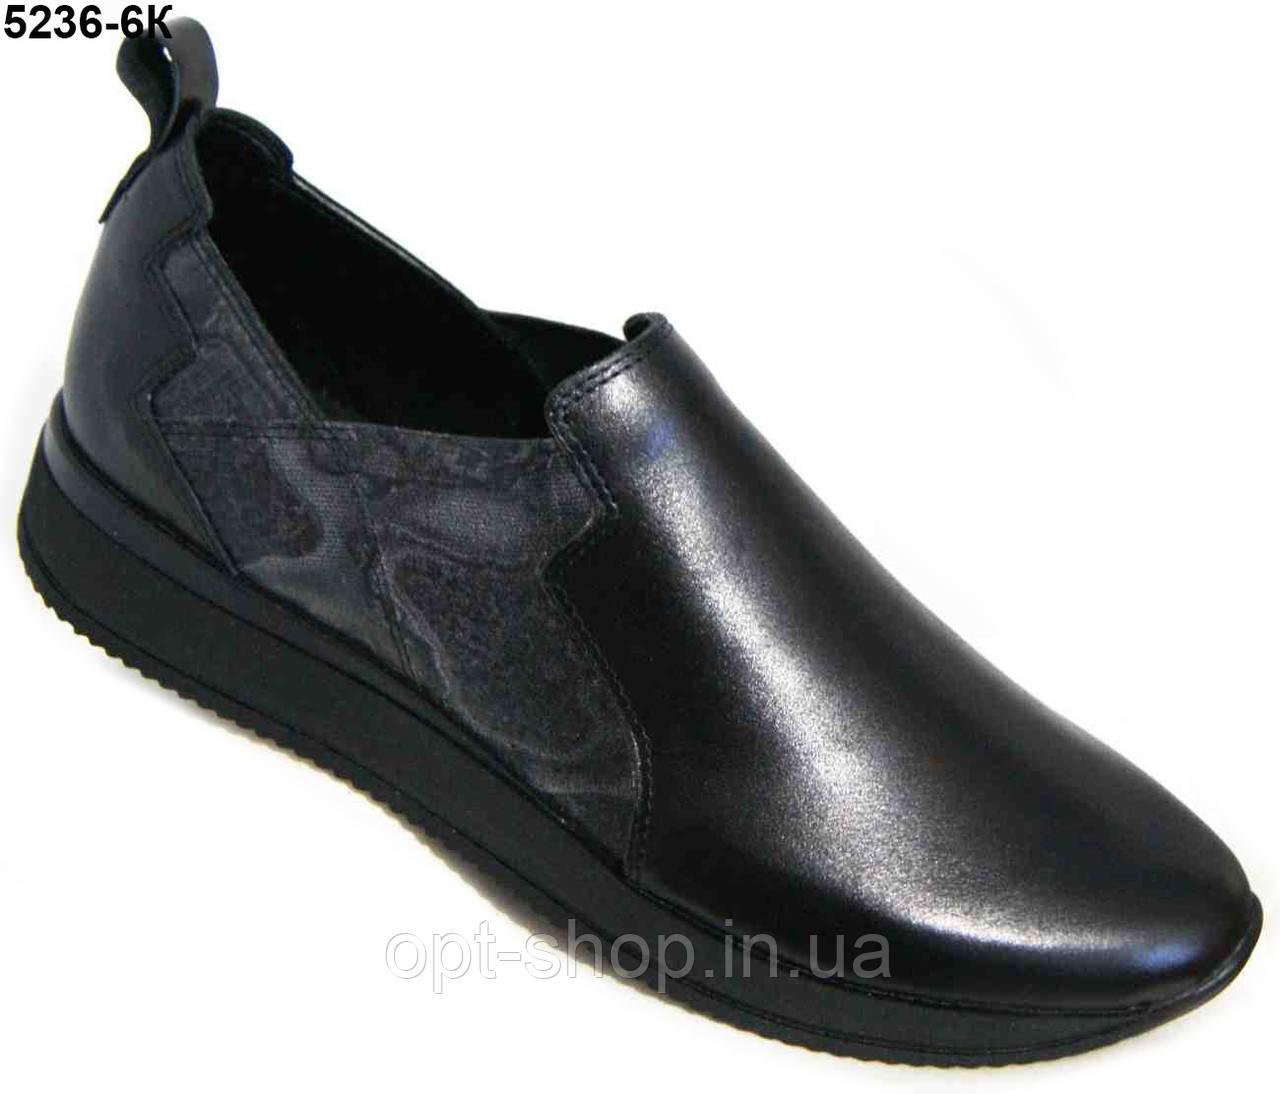 Туфли женские закрытые кожаные